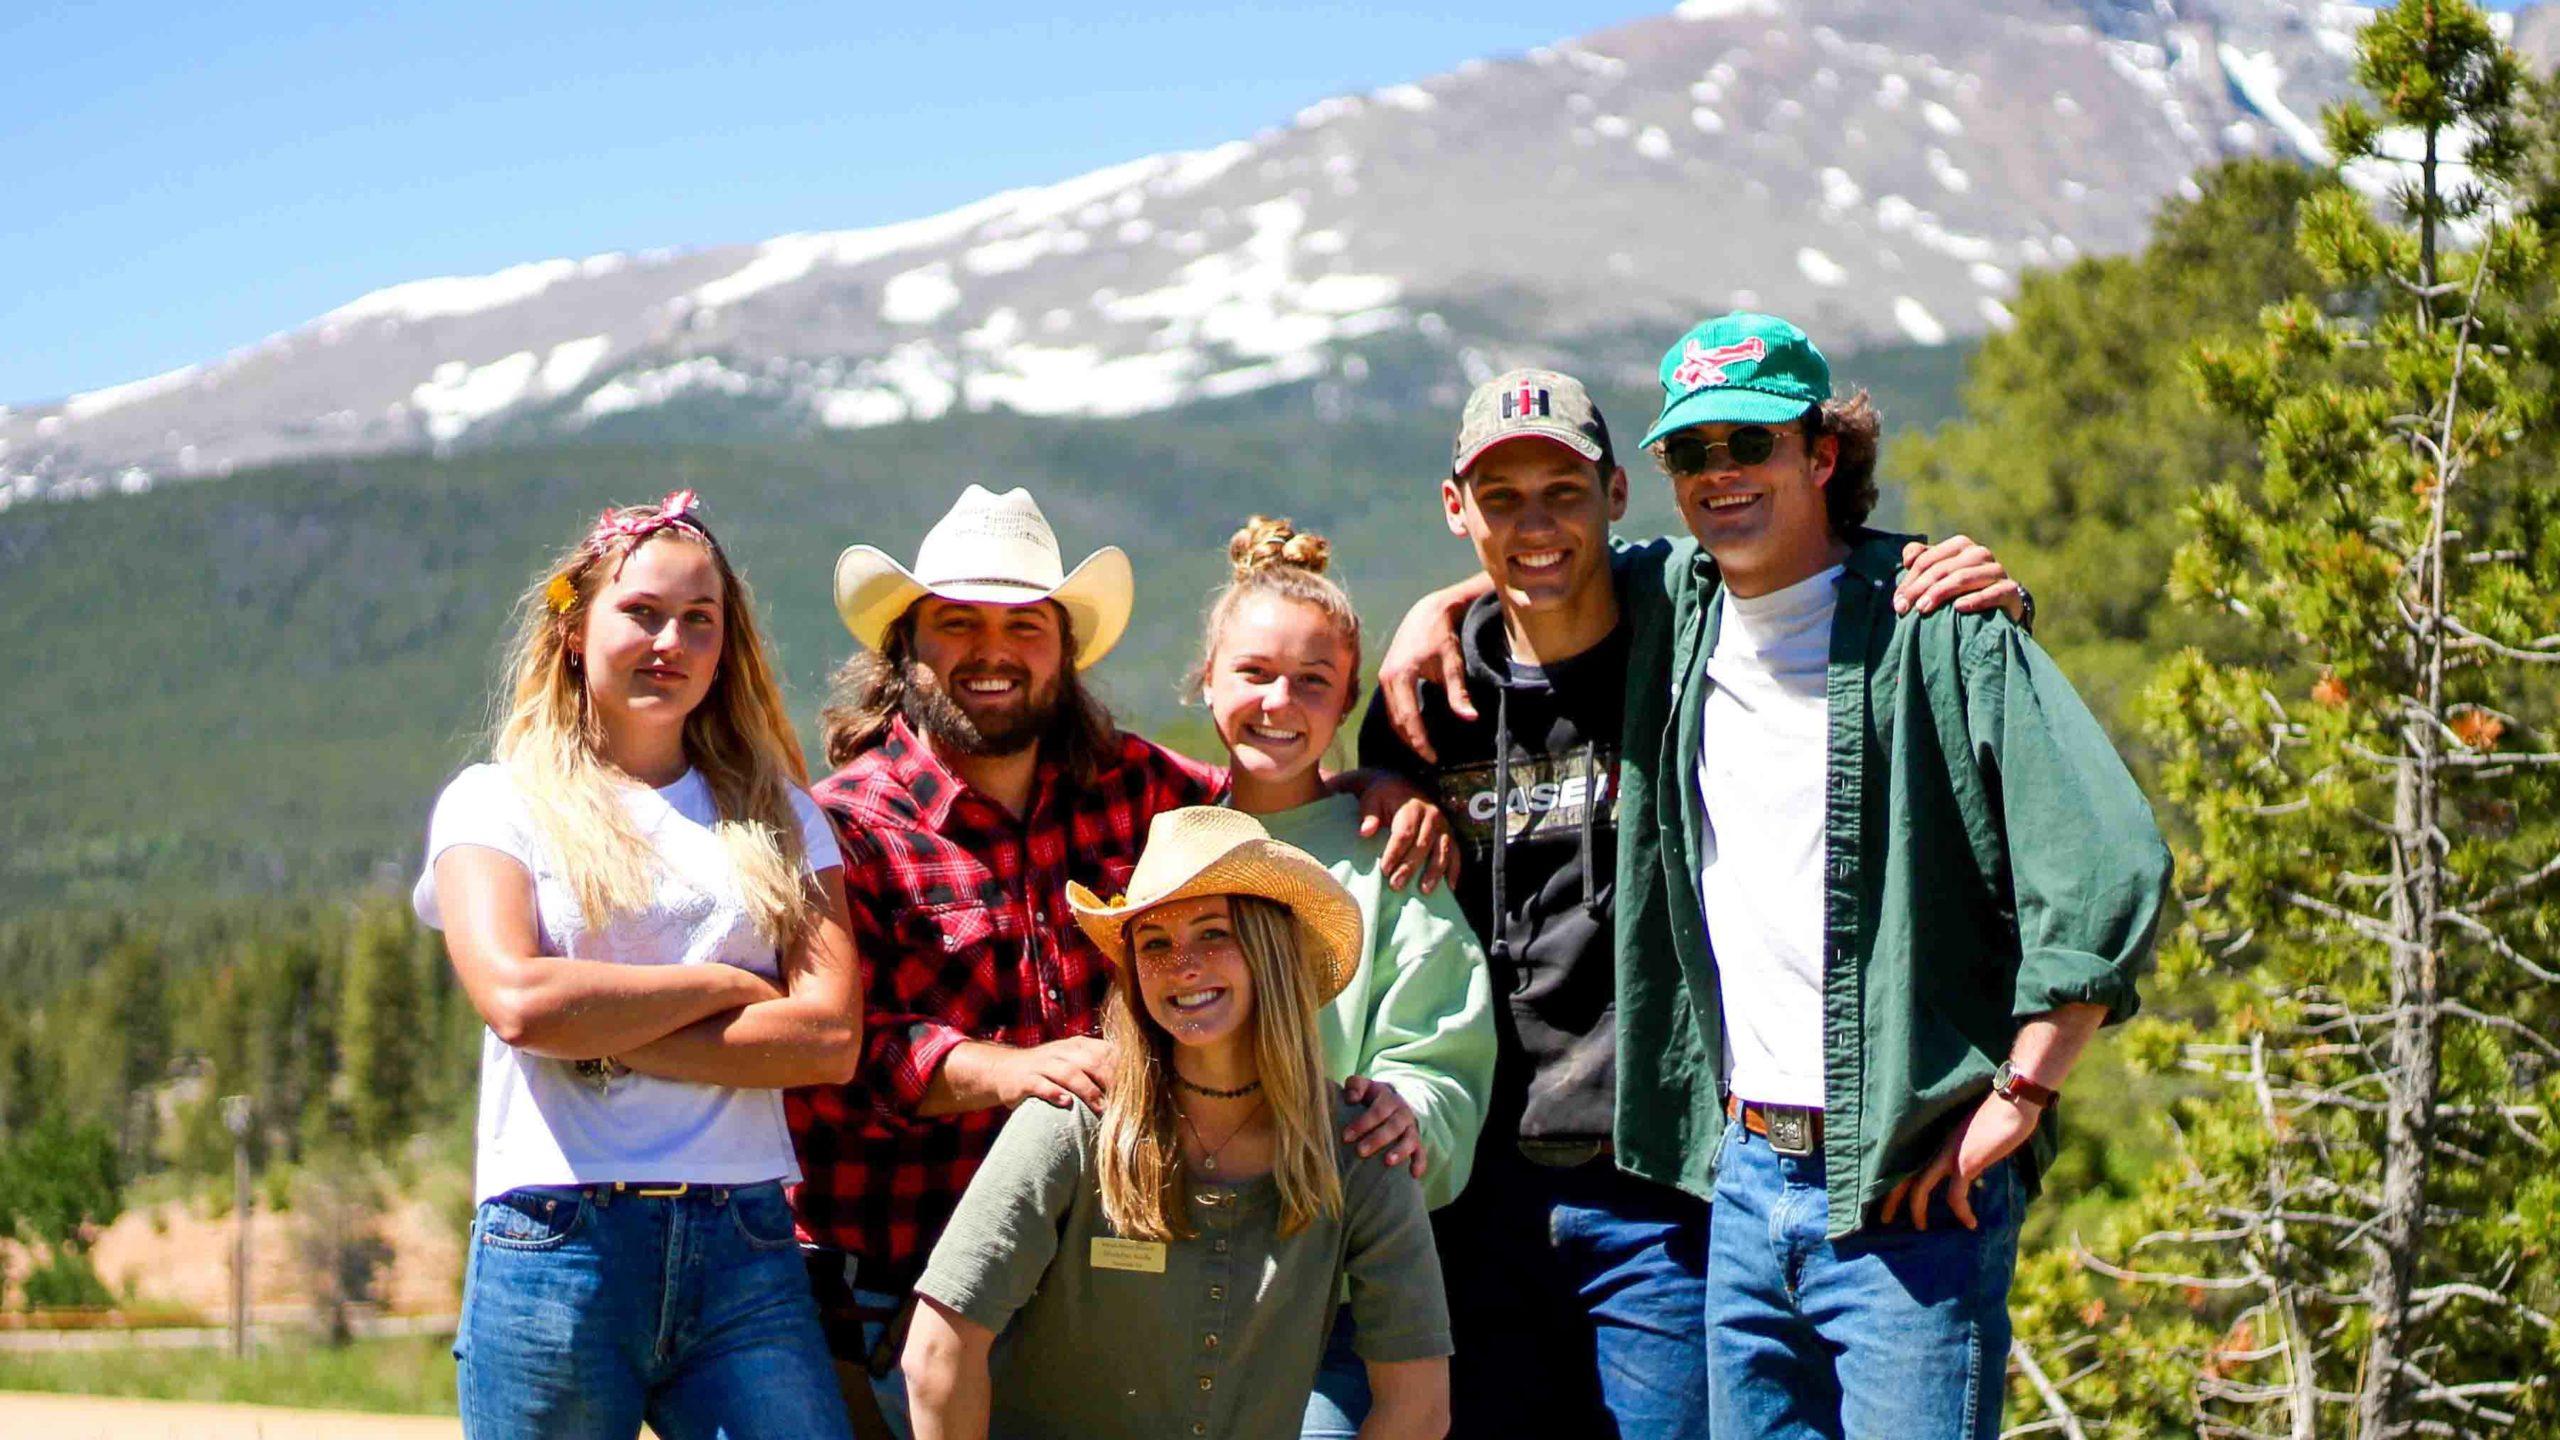 Employee group photo